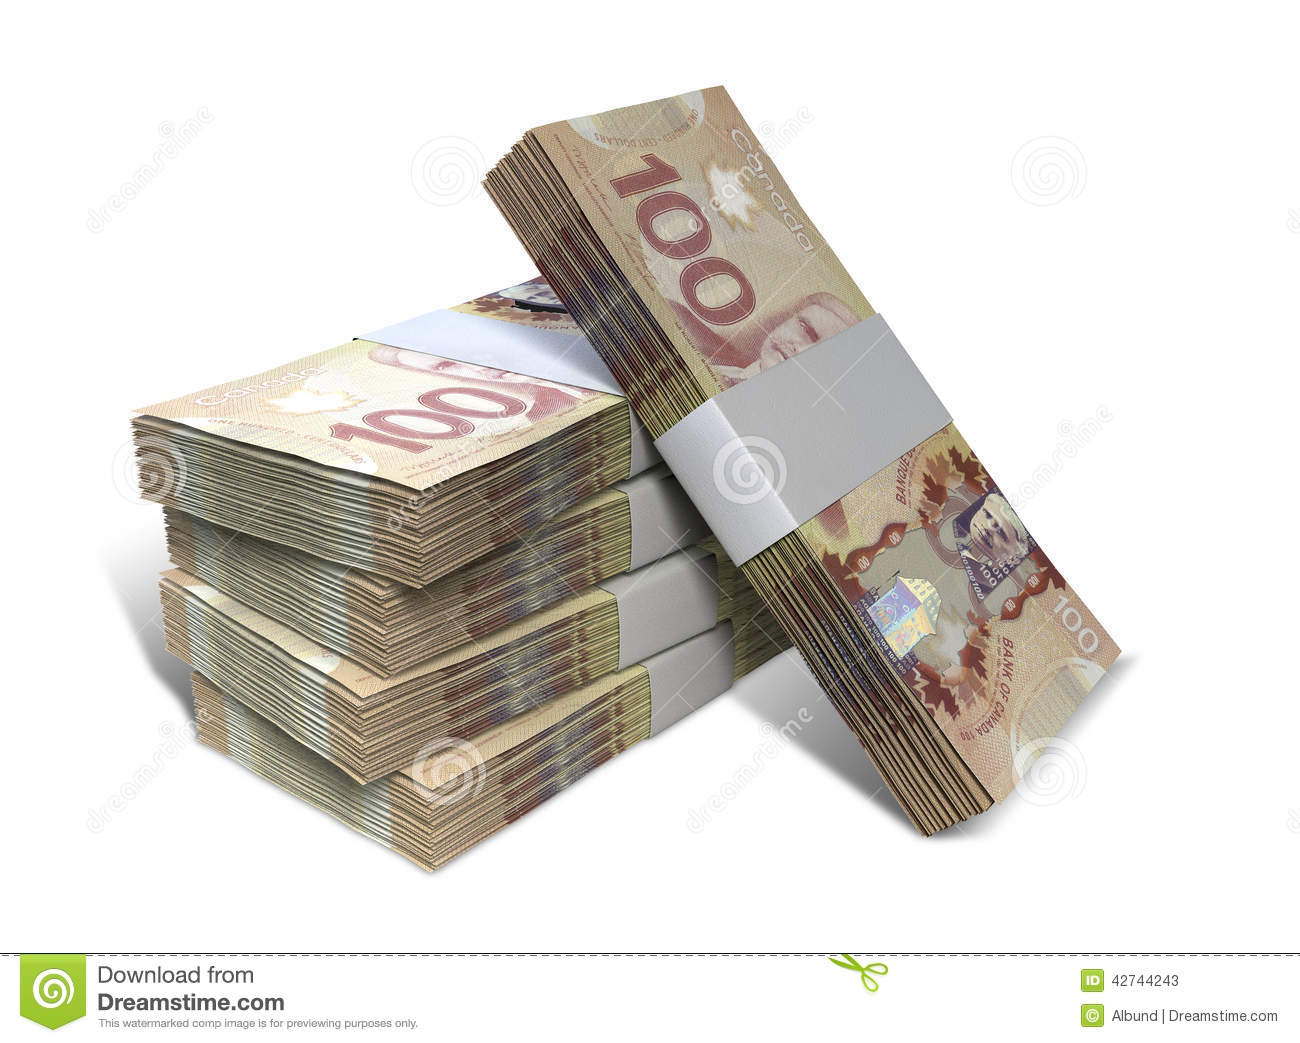 Offre de pr t d 39 argent entre particuliers vendre quebec annonces grat - Pret d outils entre particulier ...